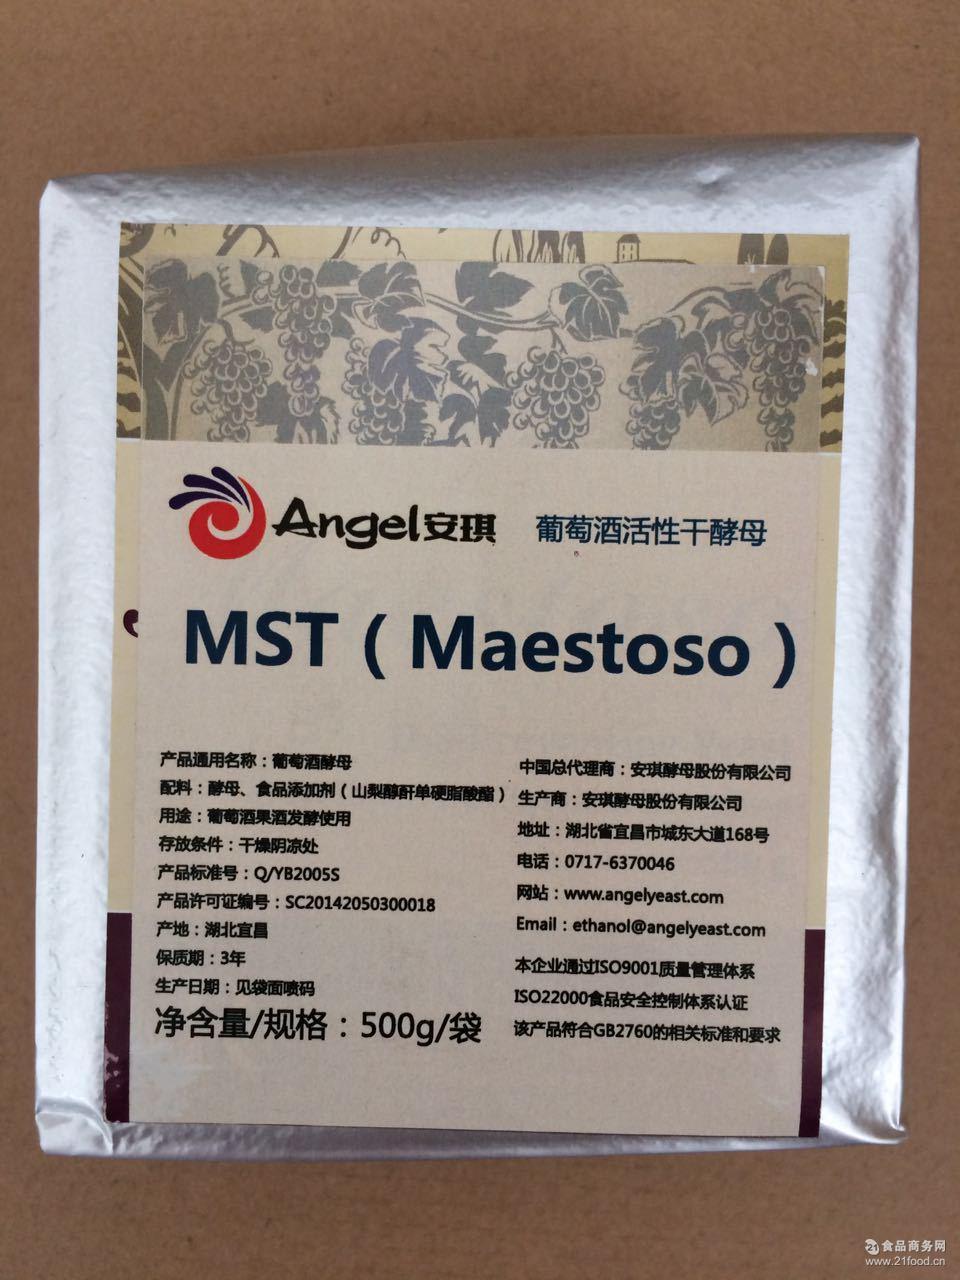 塑造香气 MST 干红 安琪Angel 新酒风格 劲醇酵母